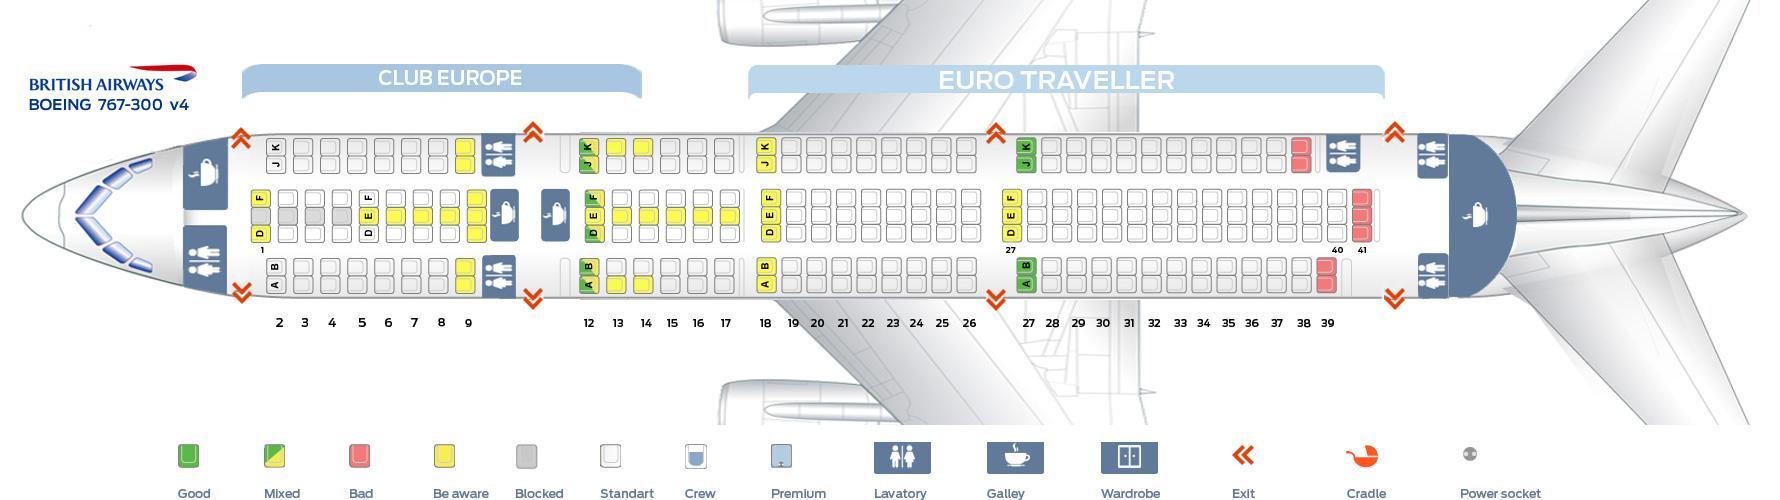 Seat_map_British_Airways_Boeing-767_300_v4